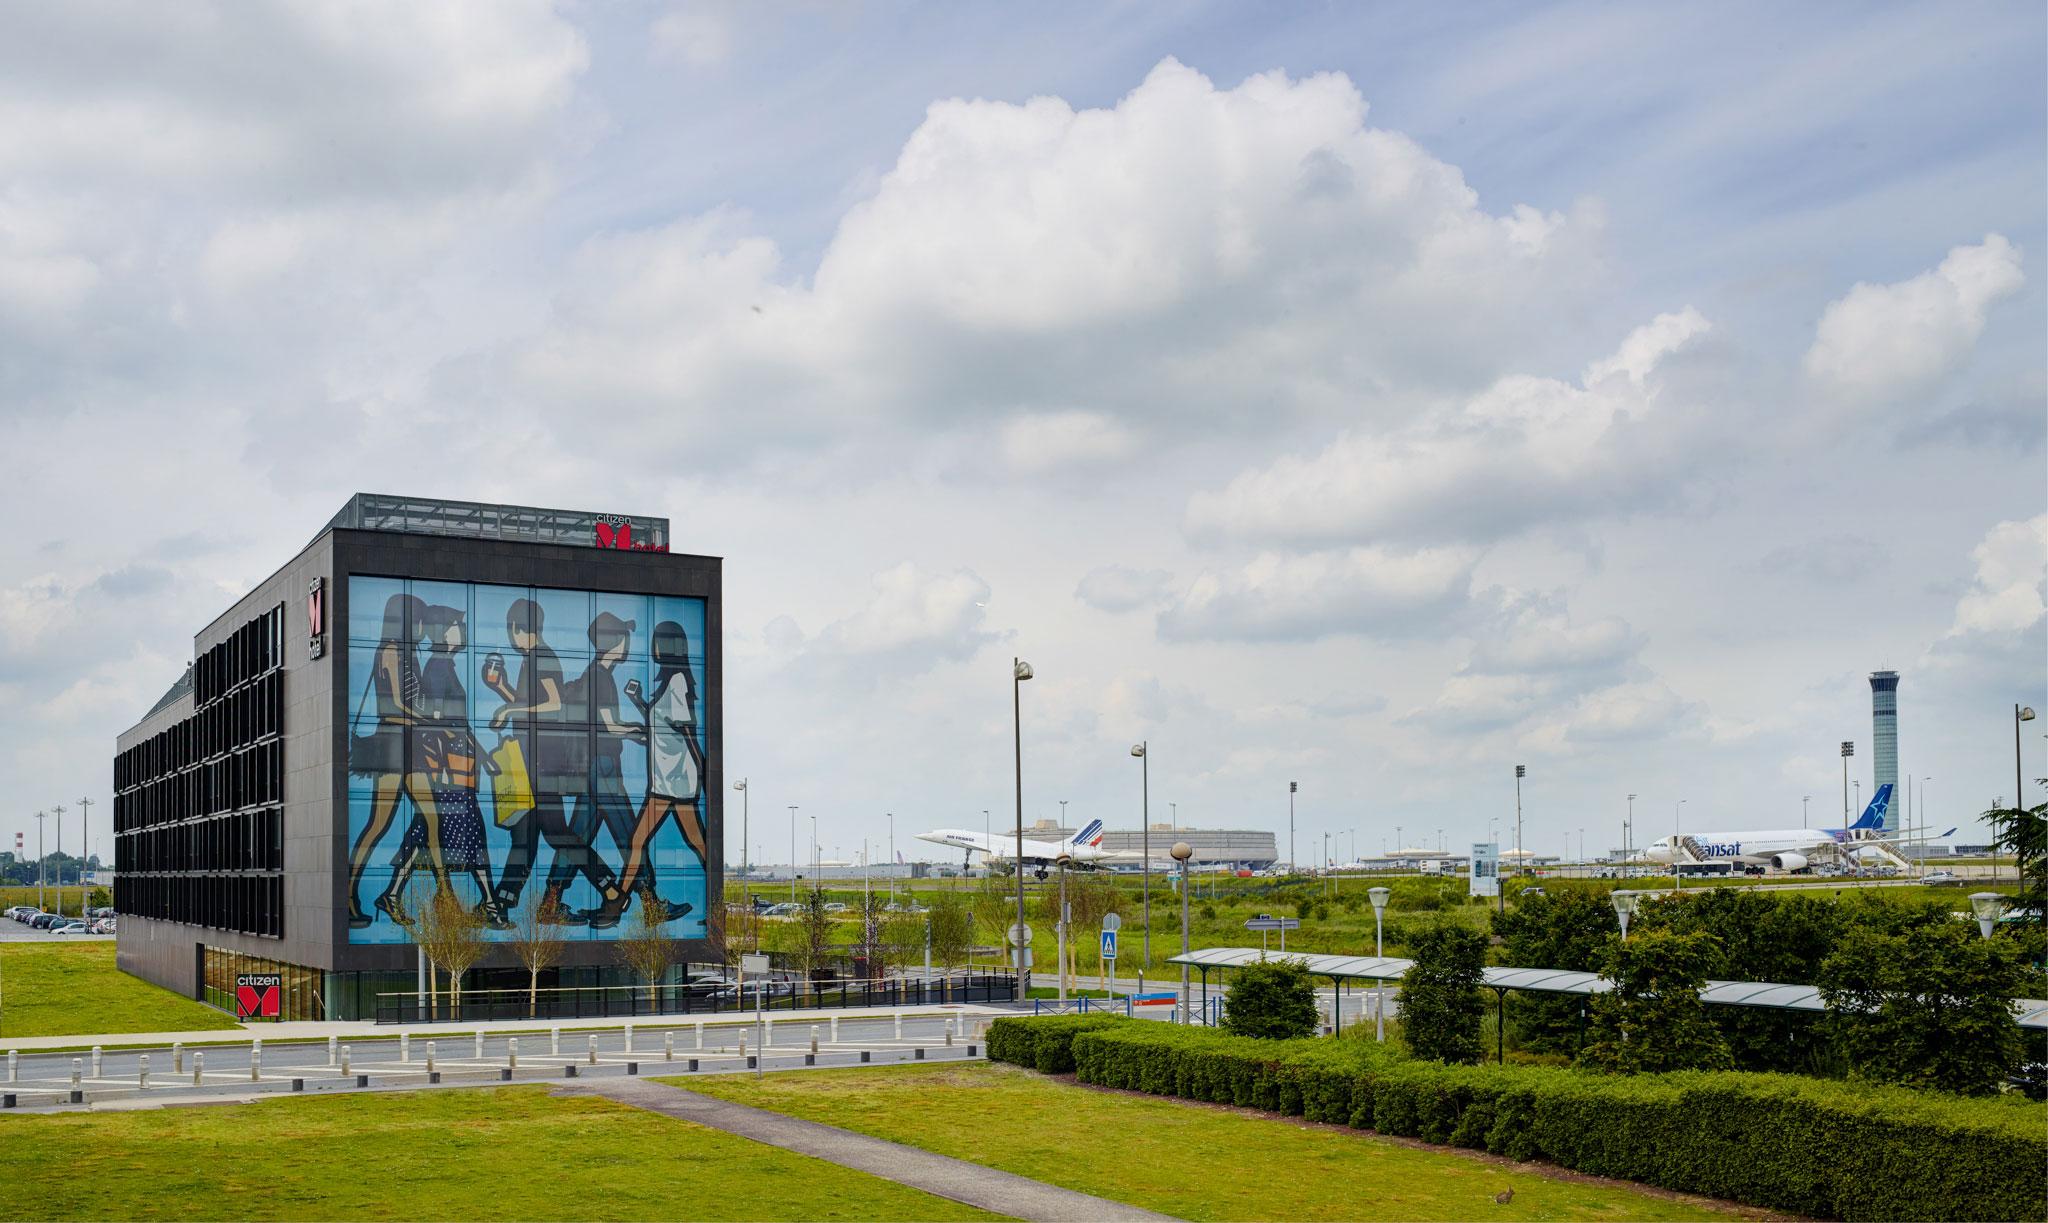 Amsterdam ny casino proposal